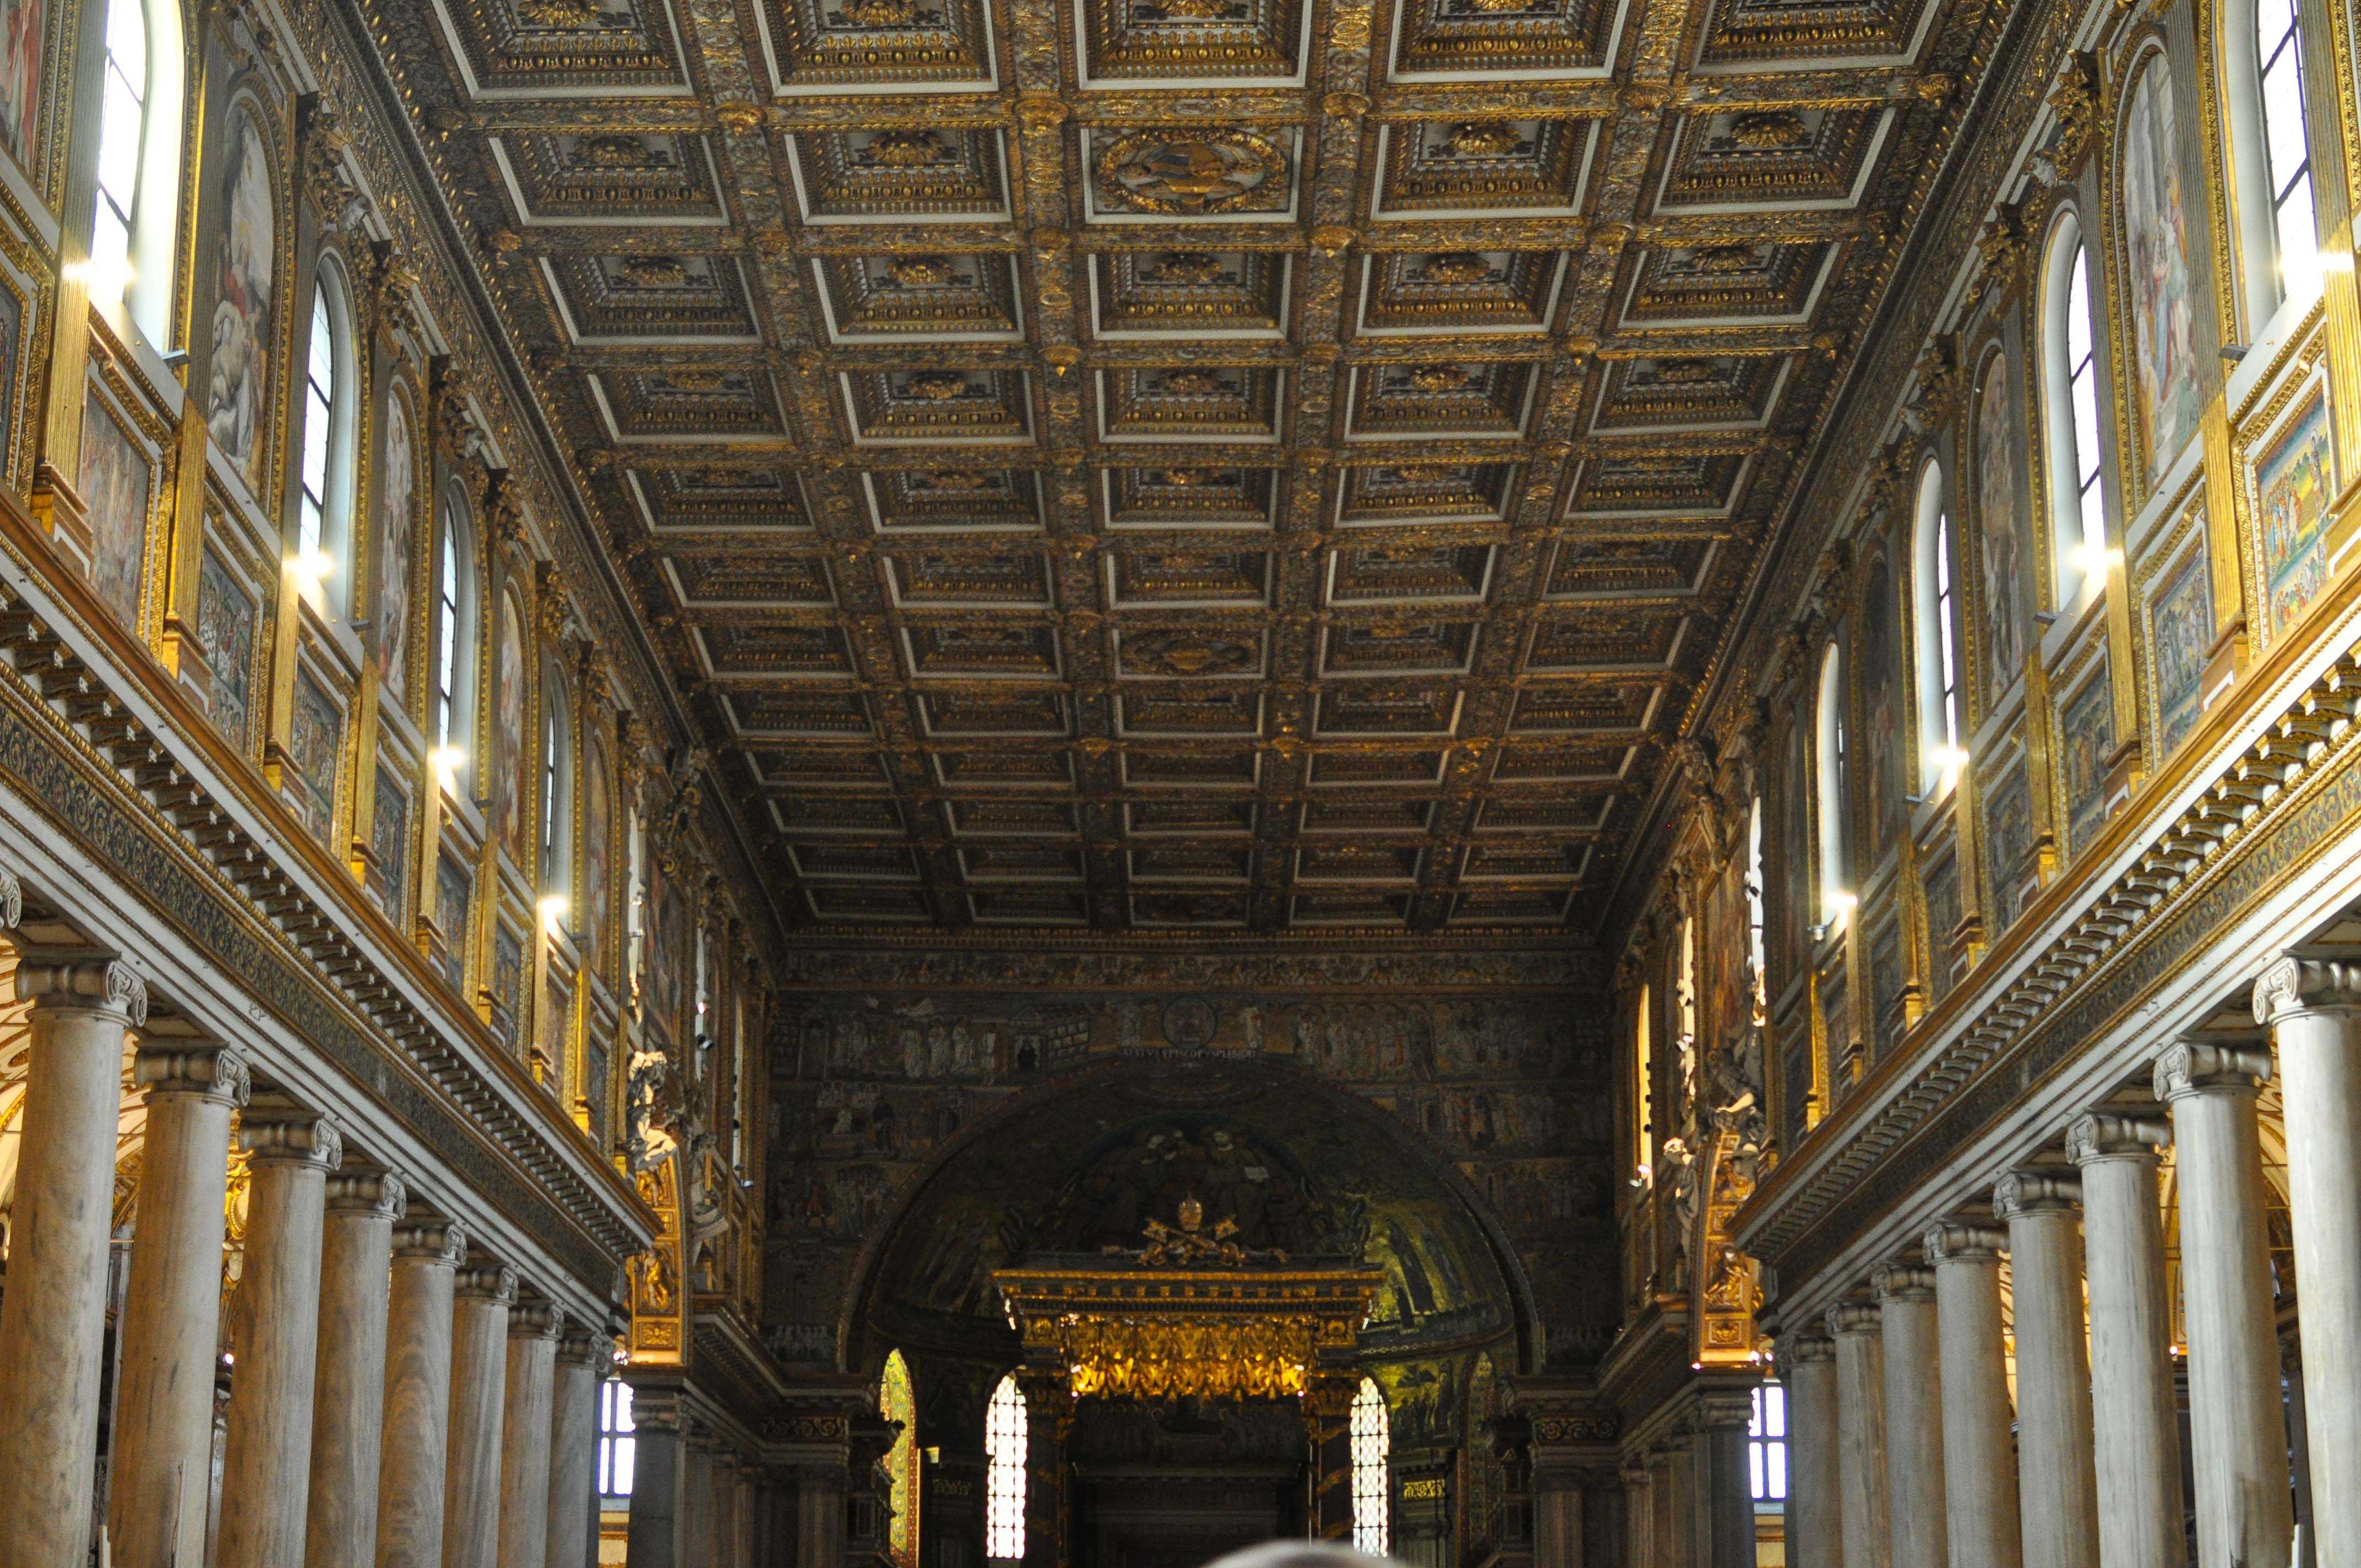 Basilica di Santa Maria Maggiore, Rome: All Year